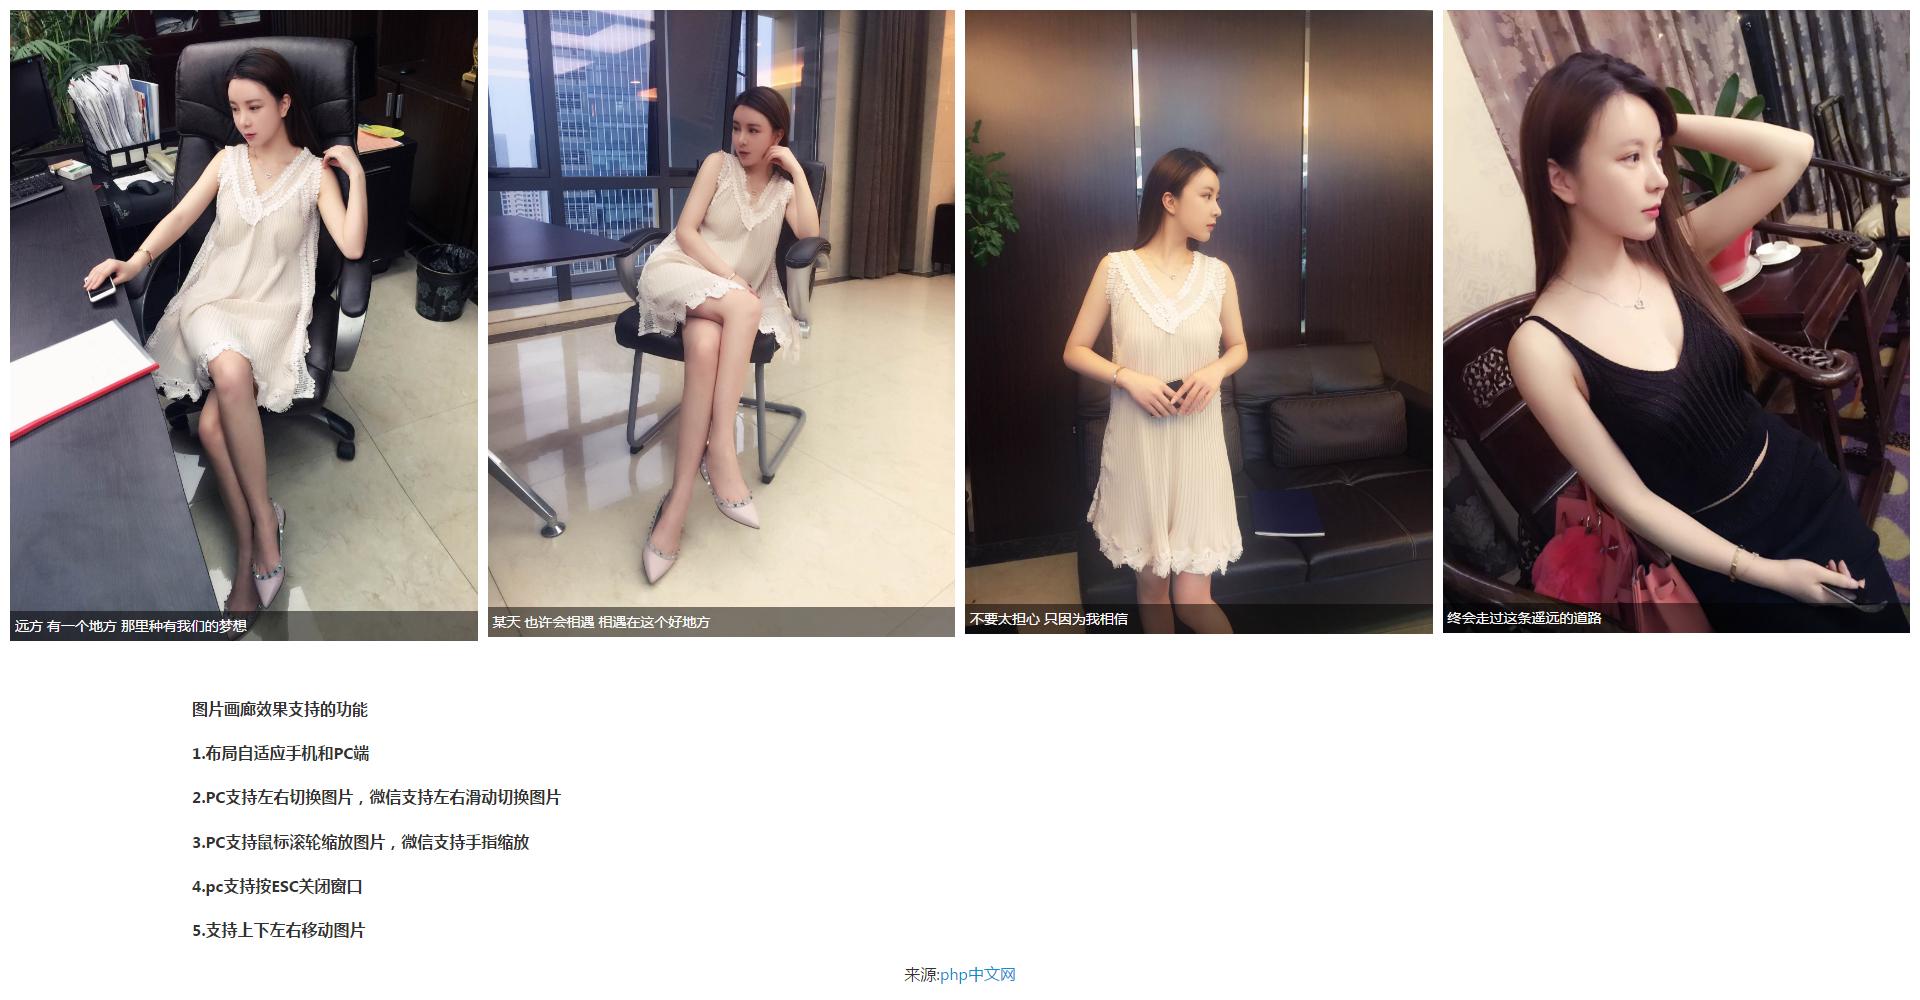 HTML5微信朋友圈图片放大手机相册效果